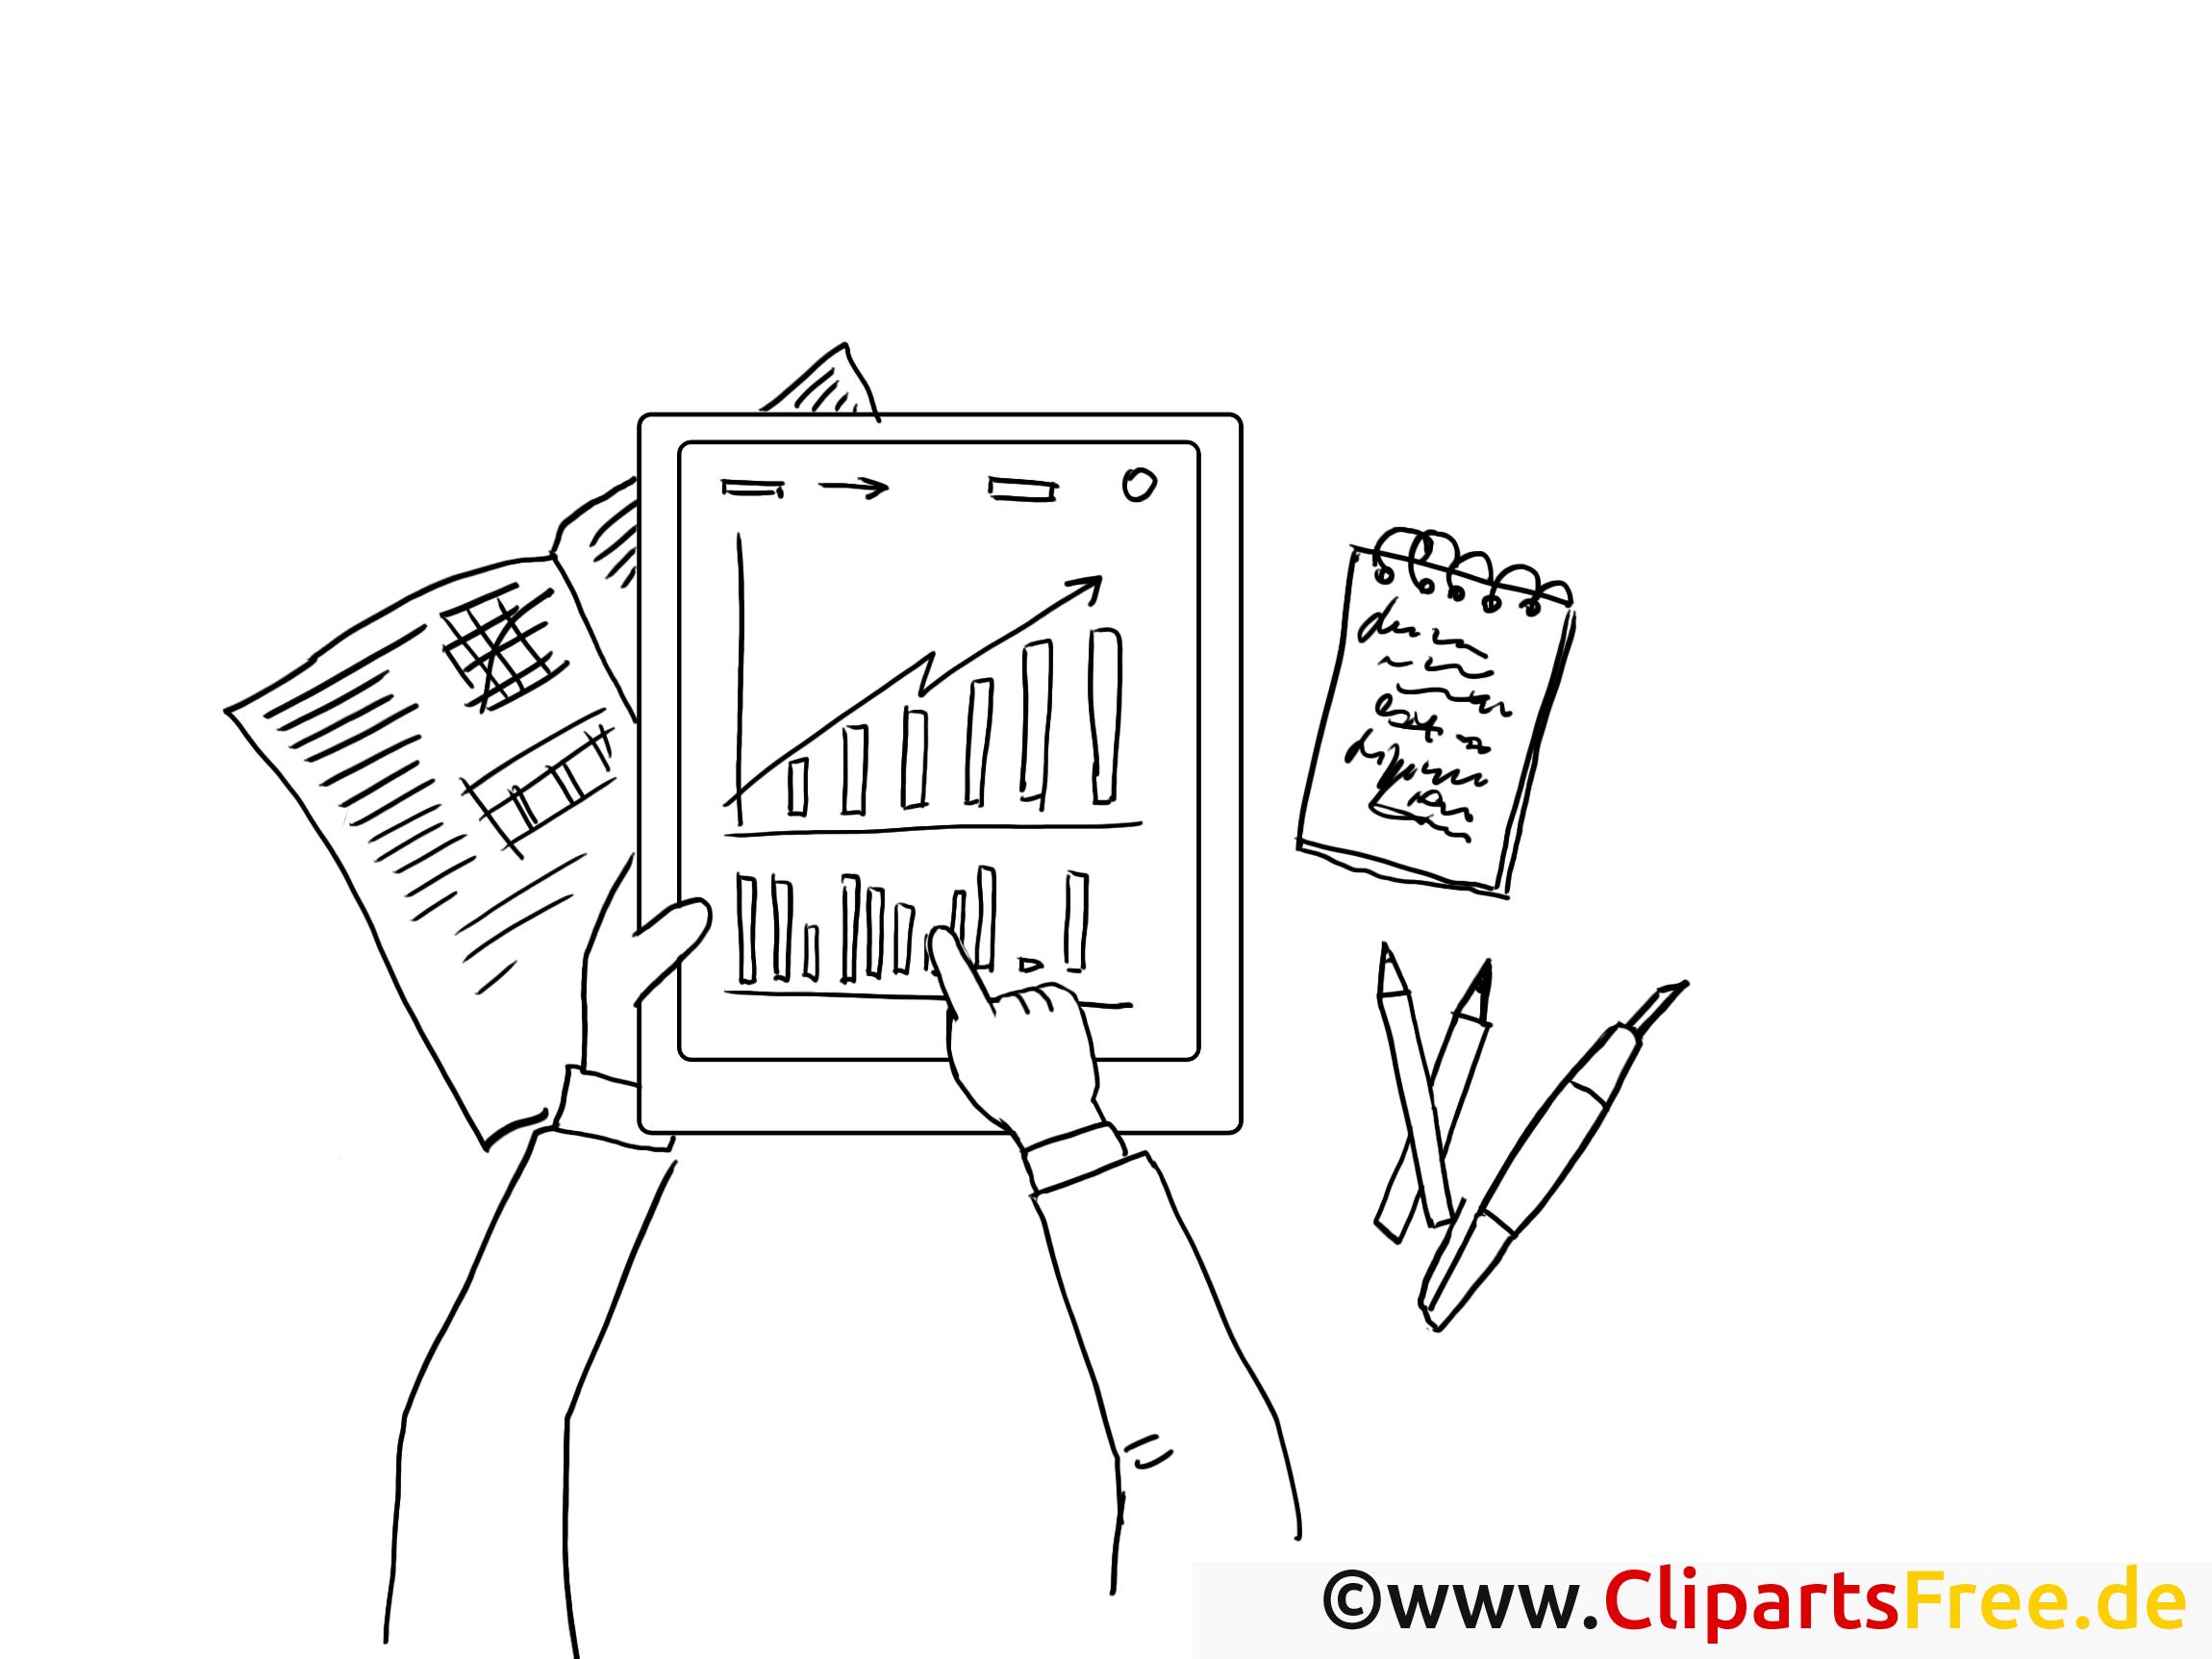 Arbeit wirtschaft technik clipart png royalty free stock Berichte Clipart-Bild zum Ausmalen png royalty free stock